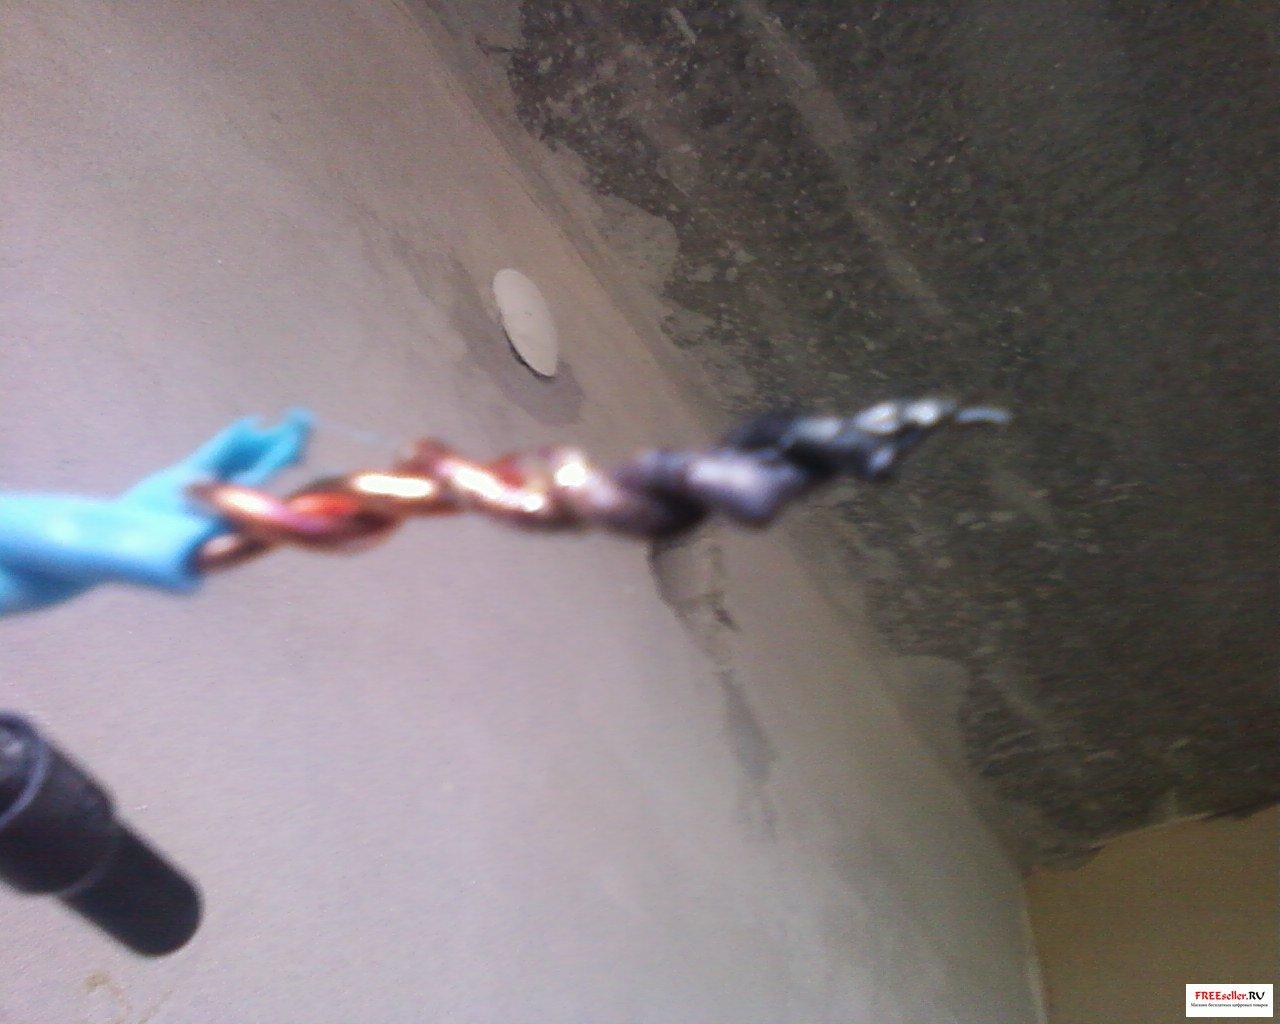 Сварочный трансформатор для сварки проводов.